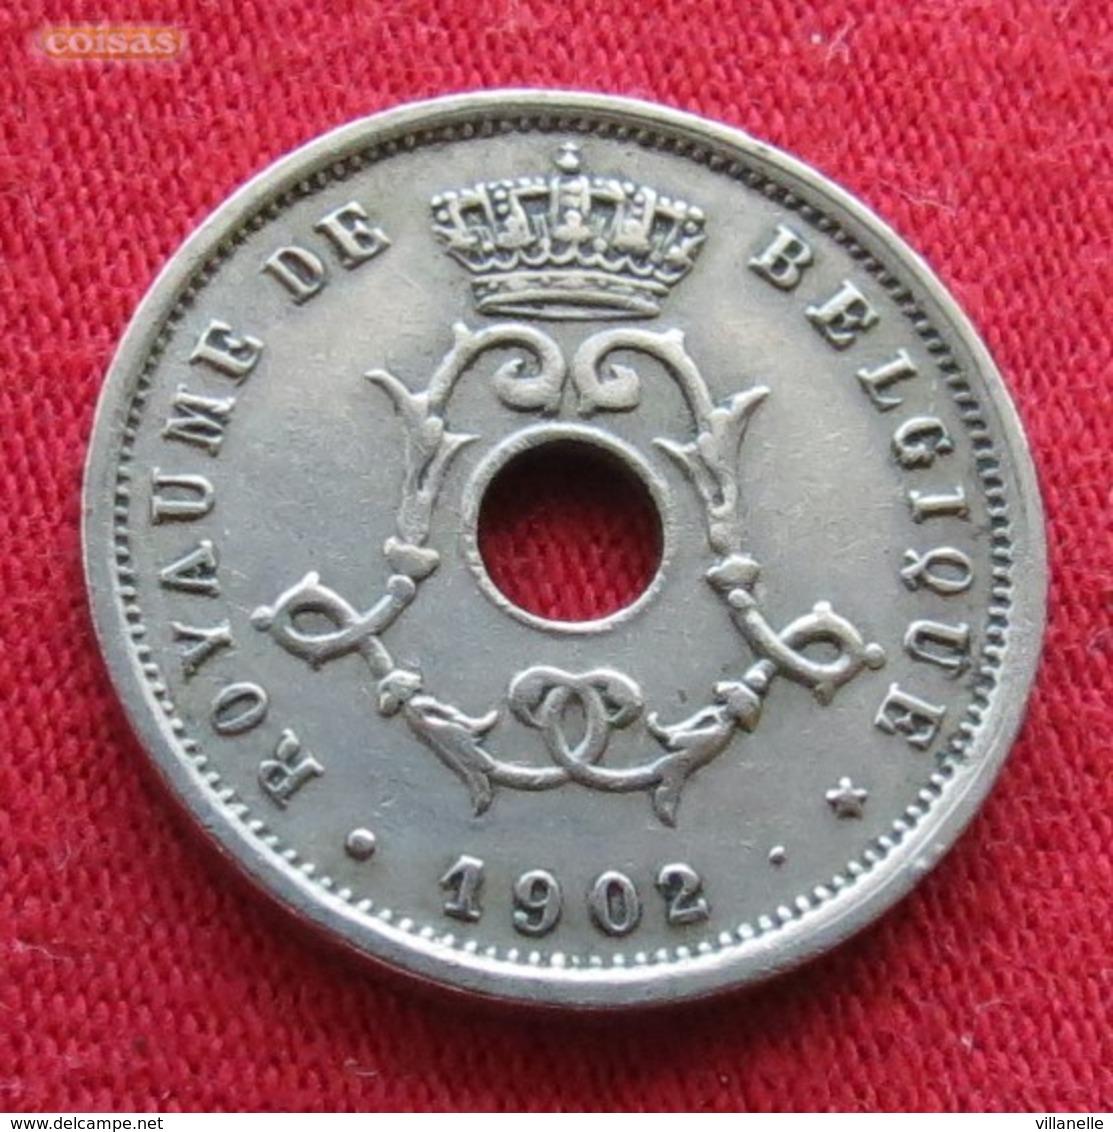 Belgium 5 Centimes 1902 KM# 46 Belgique Belgica Belges Belgie - Belgique